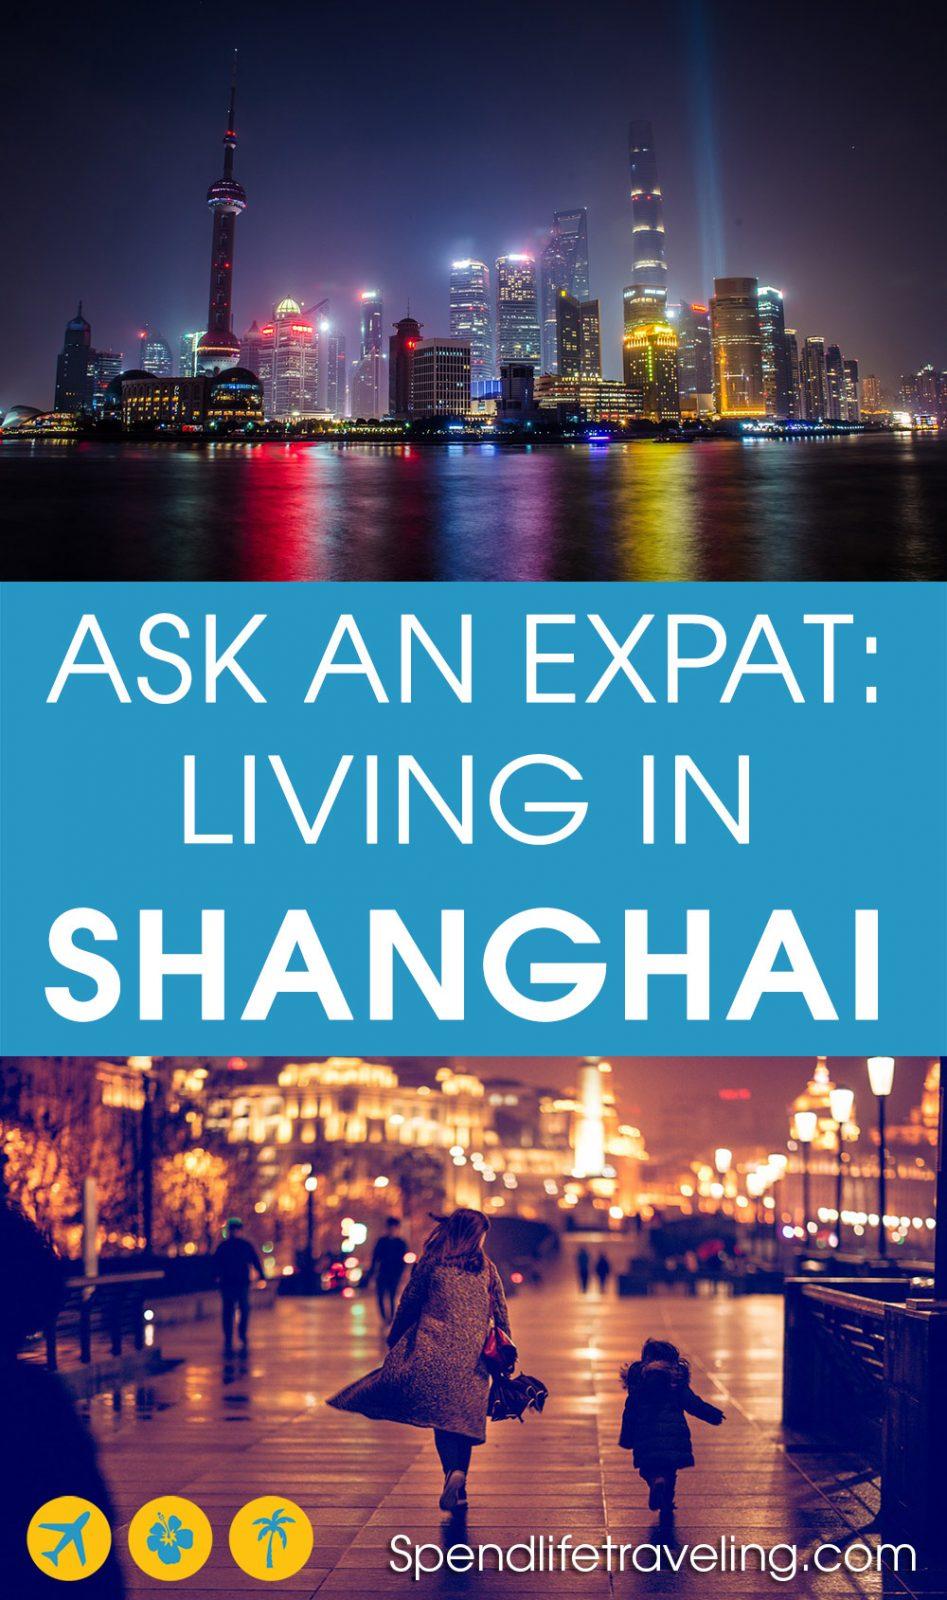 an expat living in Shanghai